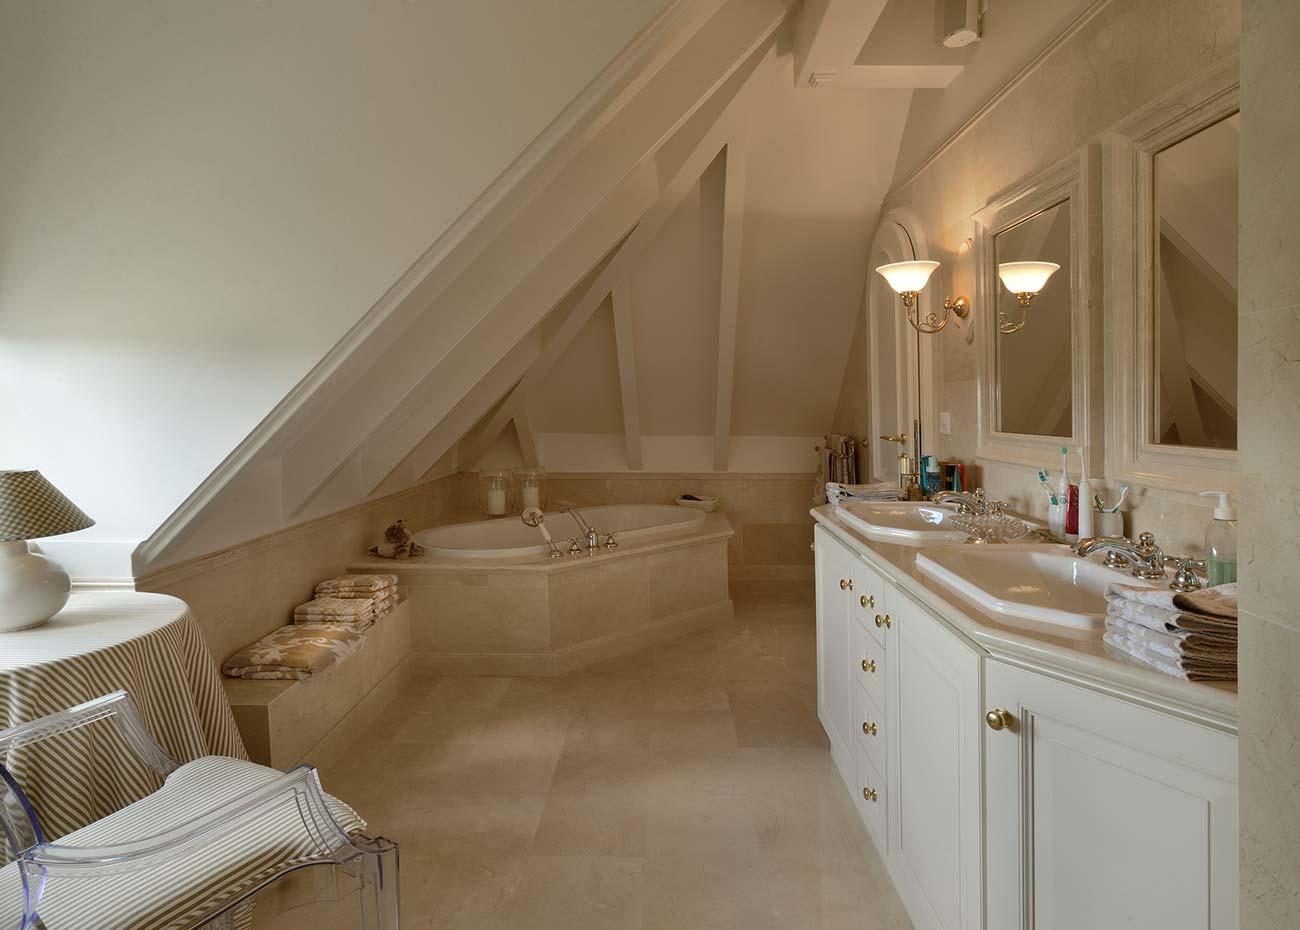 bagno-con-rivestimenti-in-marmo-e-vasca